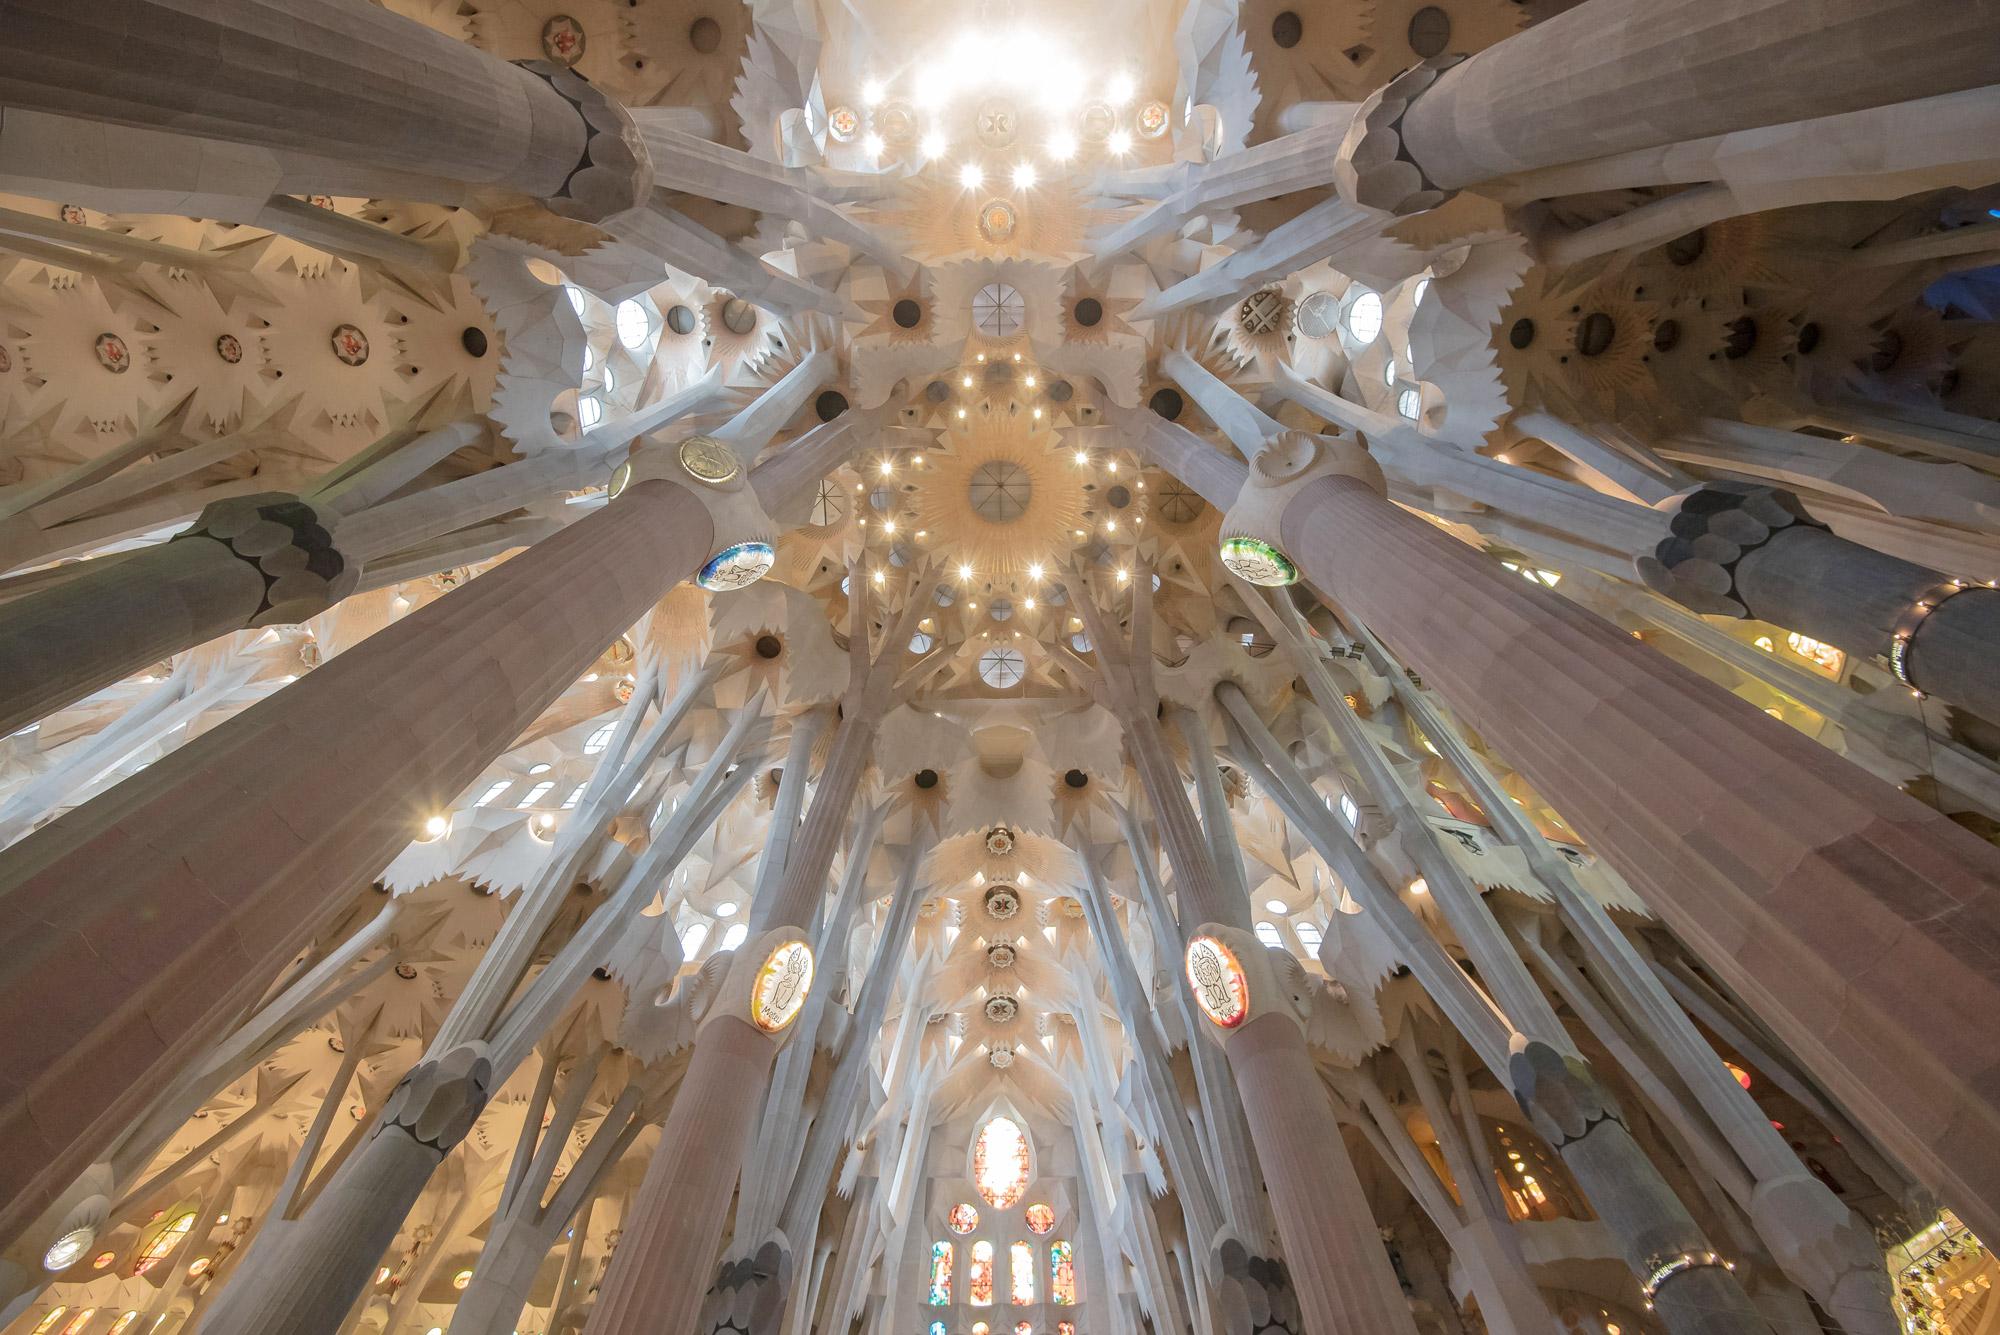 Architecture intérieure d'une cathédrale monumentale.